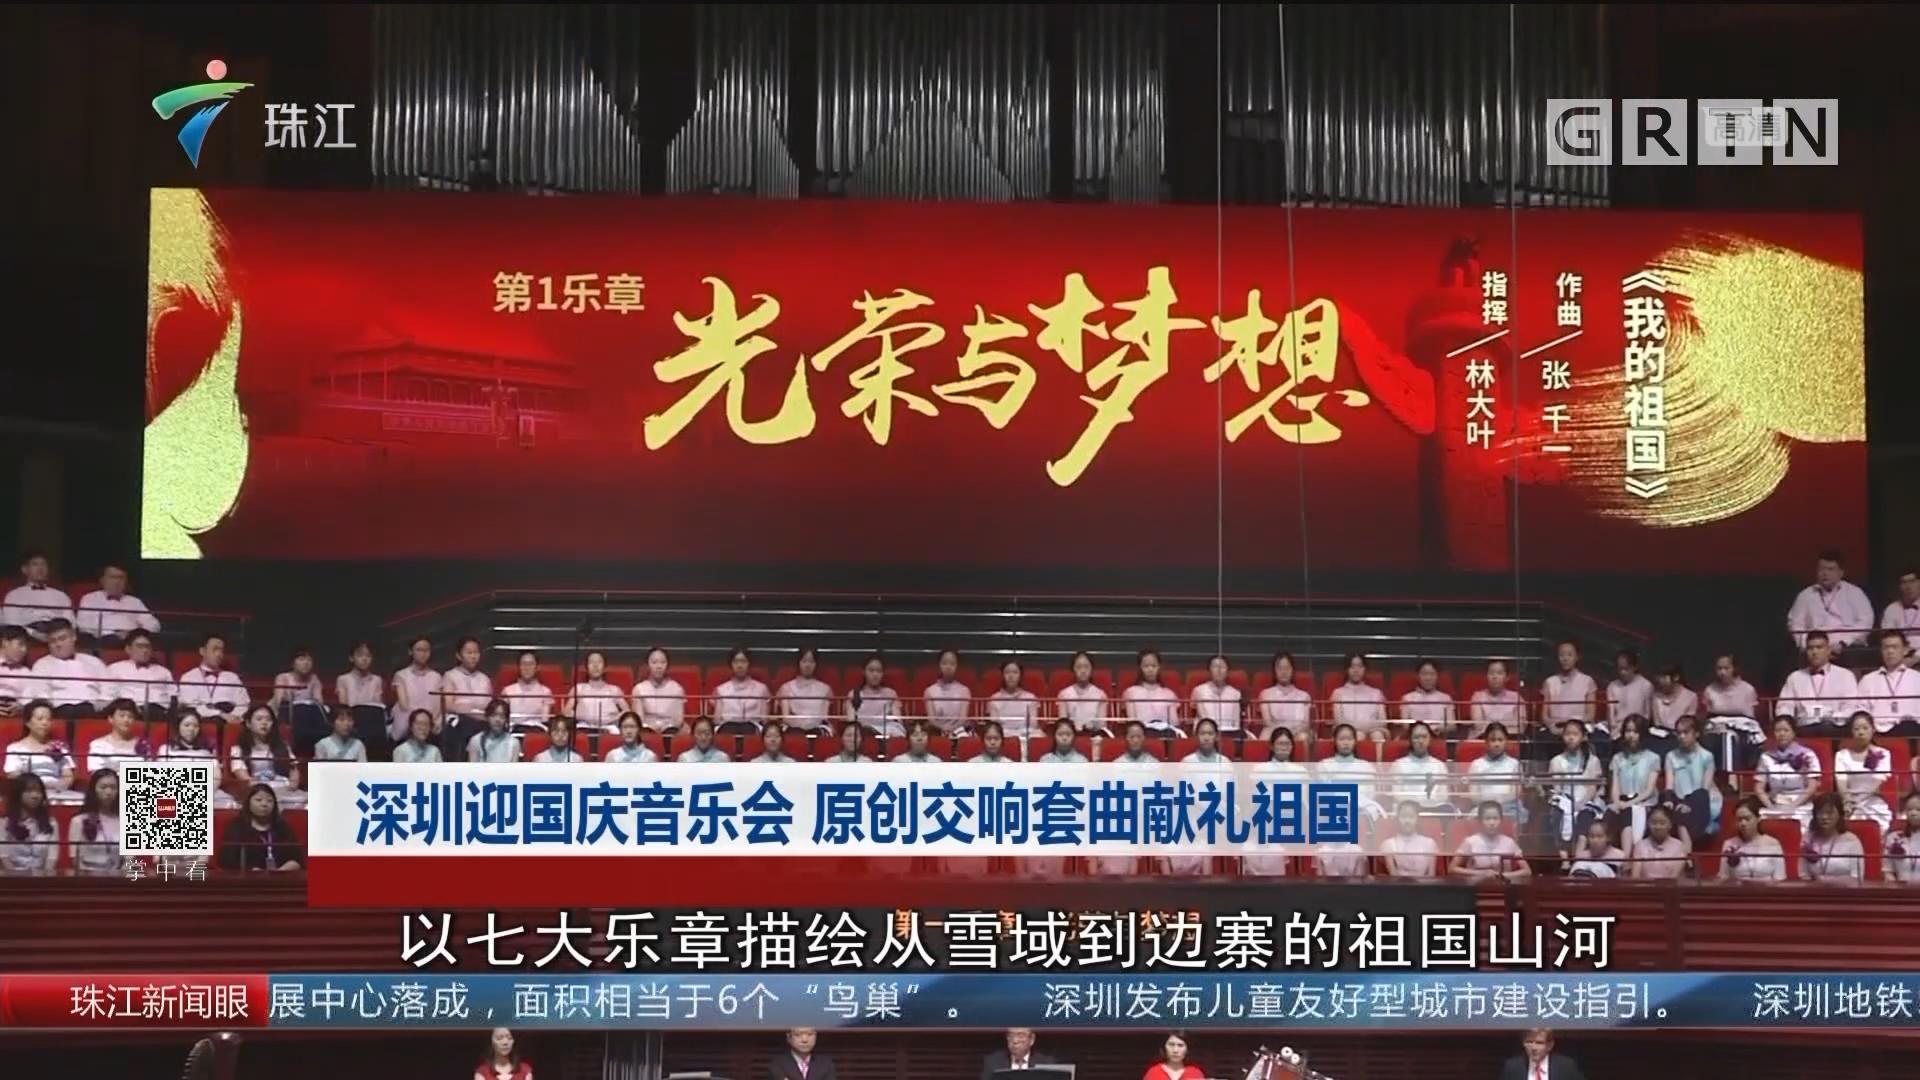 深圳迎國慶音樂會 原創交響套曲獻禮祖國